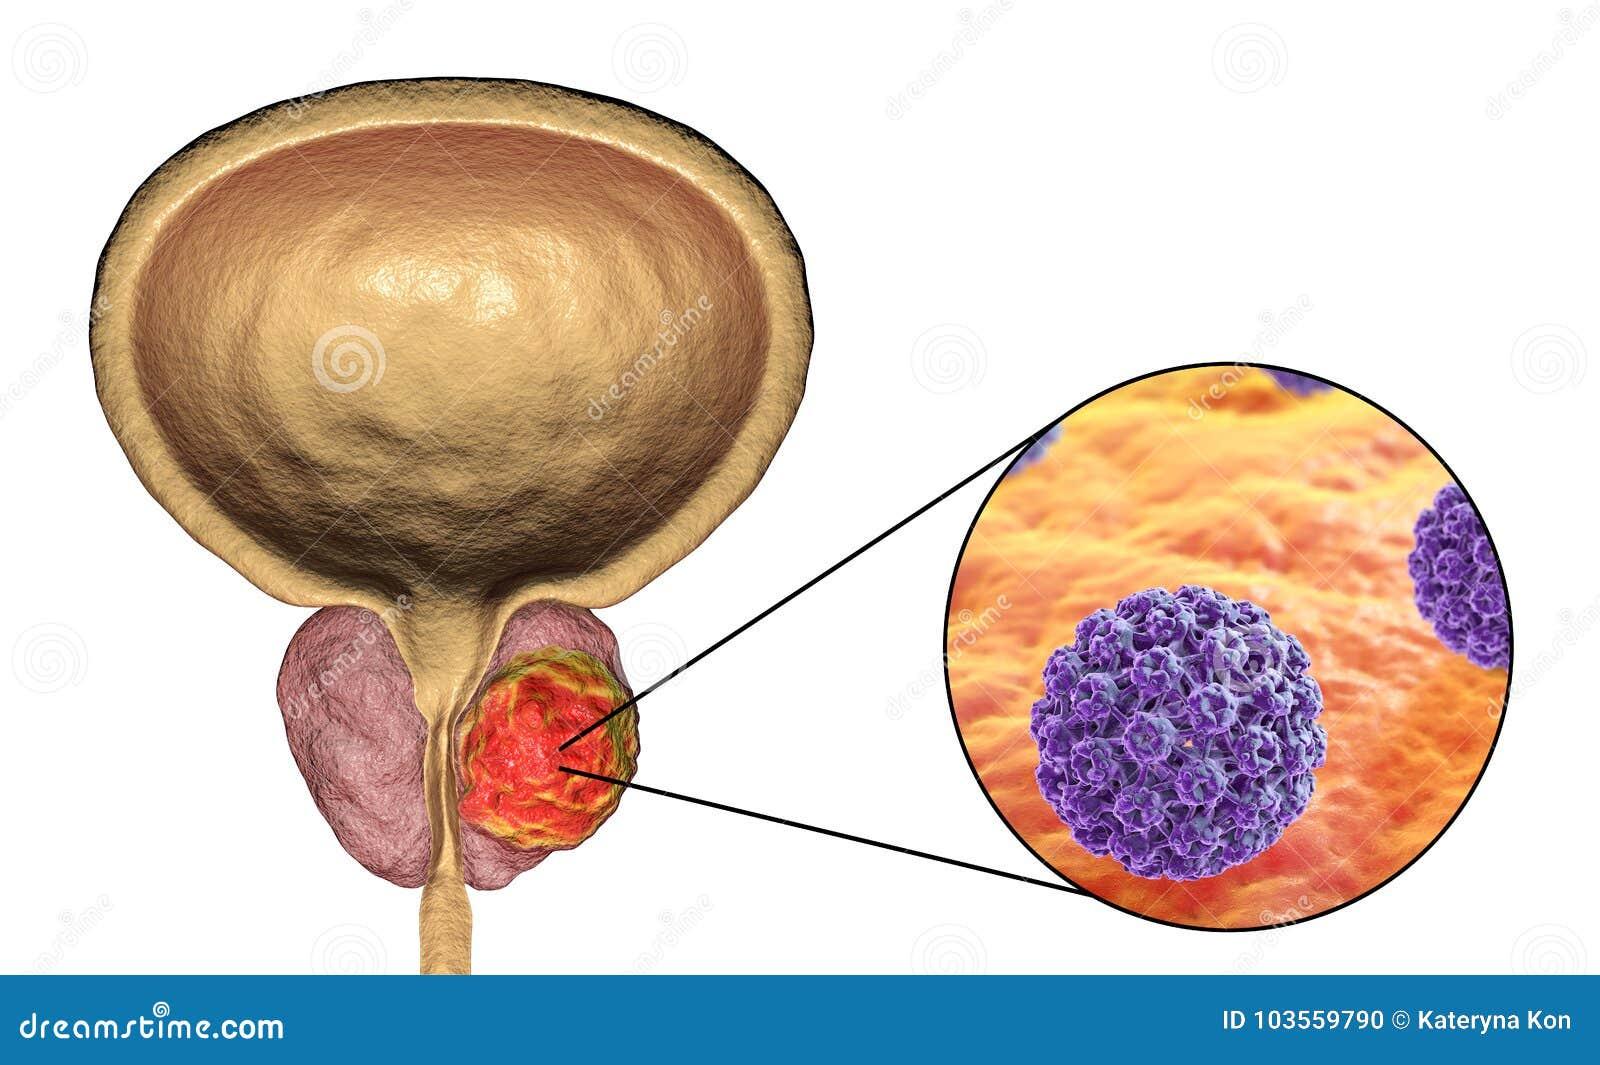 enterobioza viermilor rotunzi